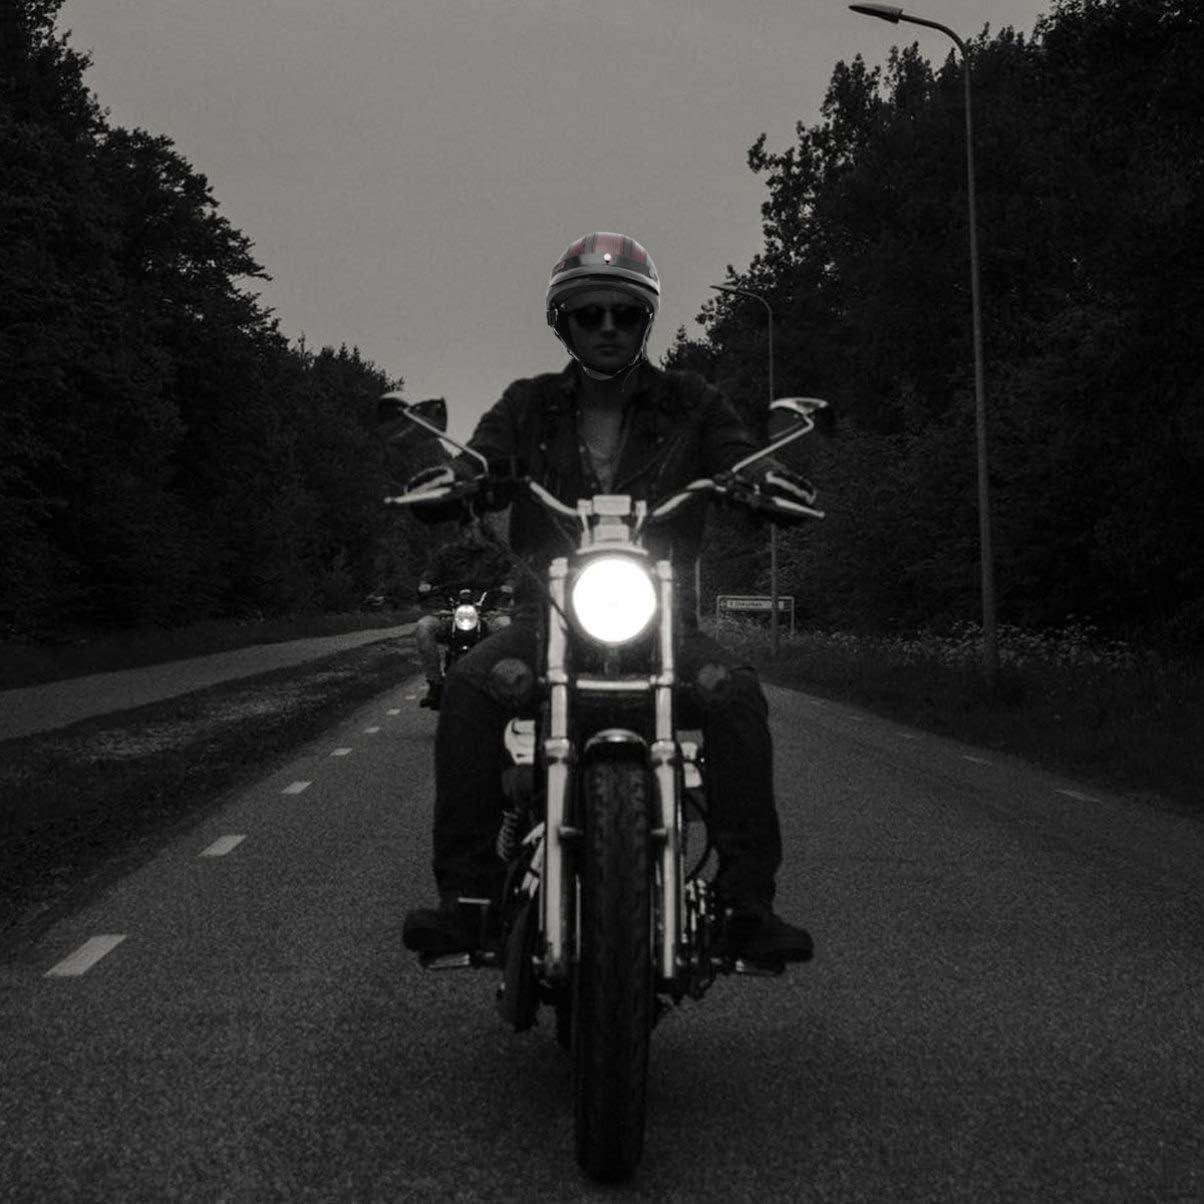 Wakauto 1 St/ück Motorradzubeh/ör Vintage Langlebiger Schutzhelm Au/ßenhelm Motorradhelm f/ür M/änner Die Frauen Reiten